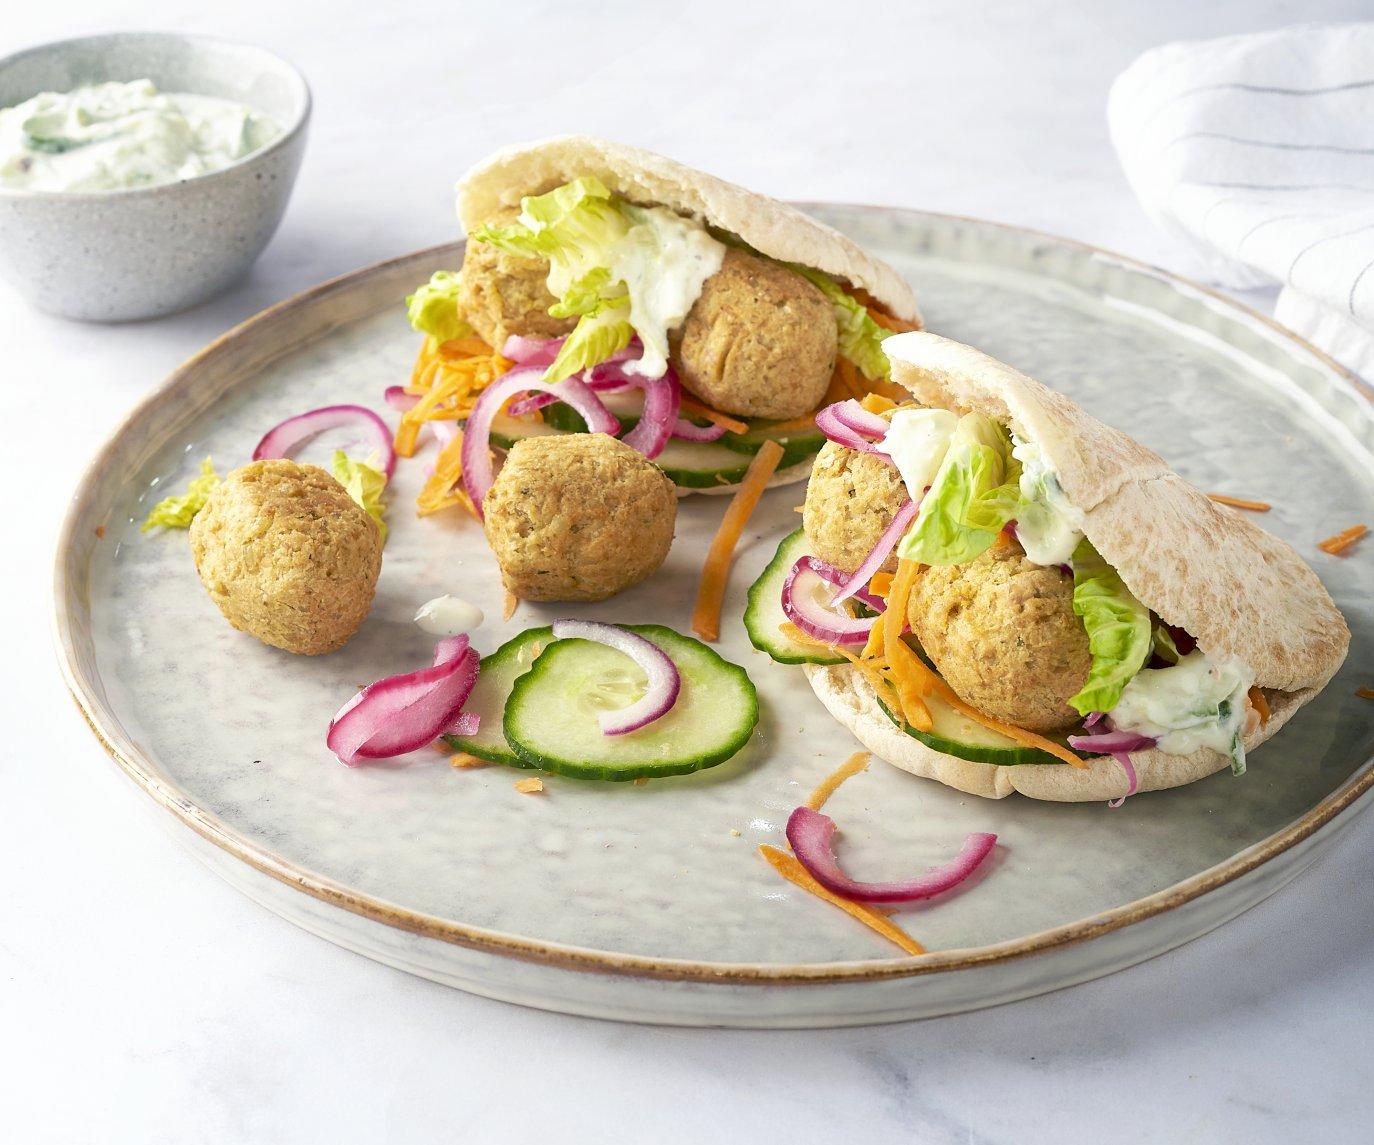 Pita met falafel, regenboogsalade en tzatziki